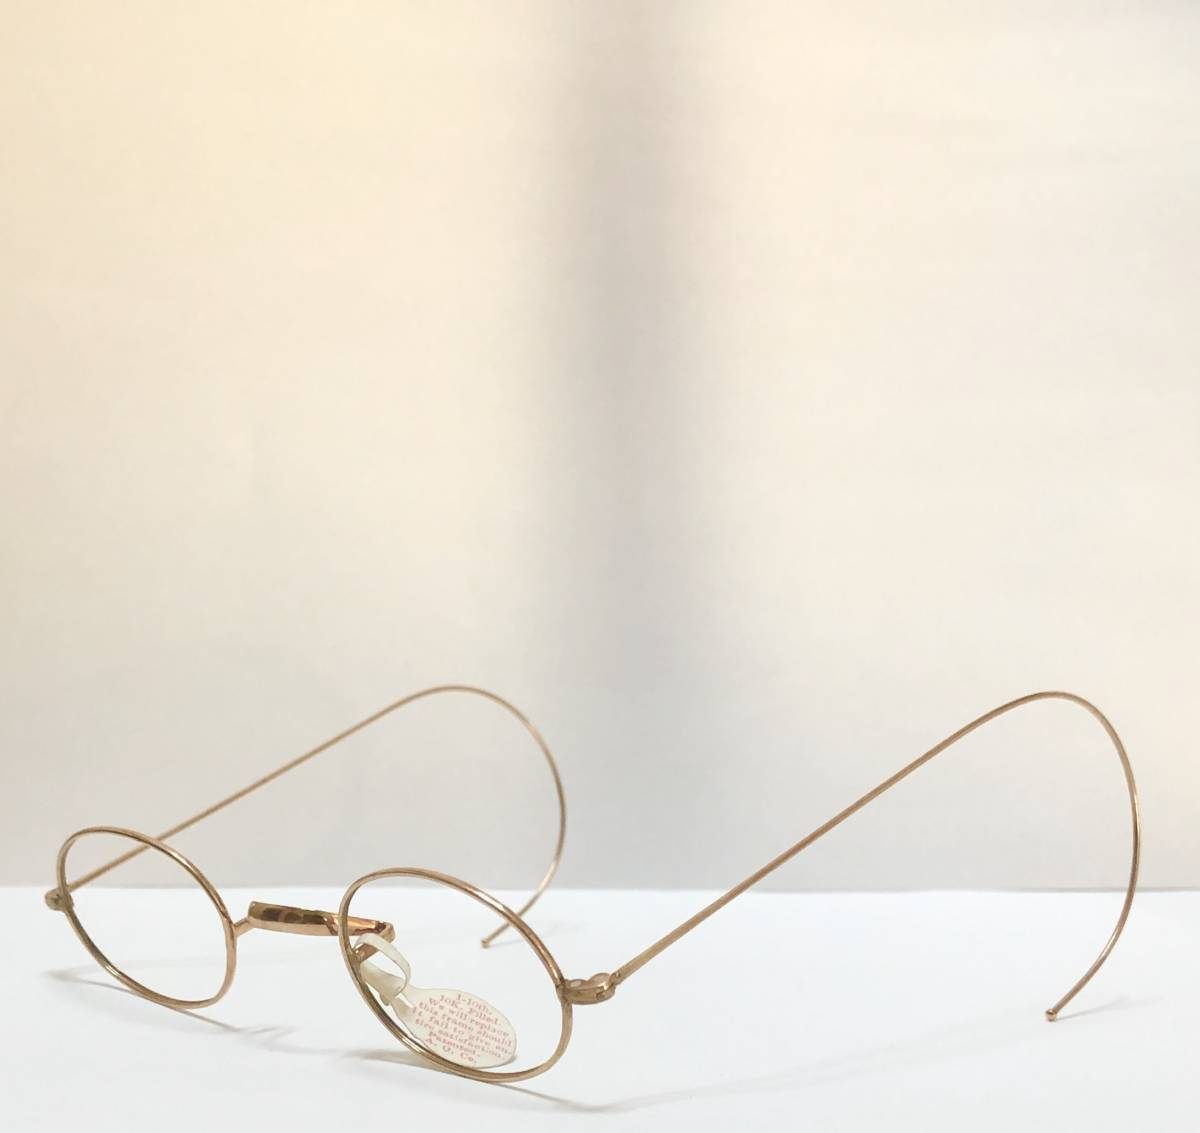 新品・AO10K金張 純正メガネ 1870~1910年代頃 American Optical アメリカンオプティカル 米国ブランド ビンテージ / ヴィンテージ_画像3